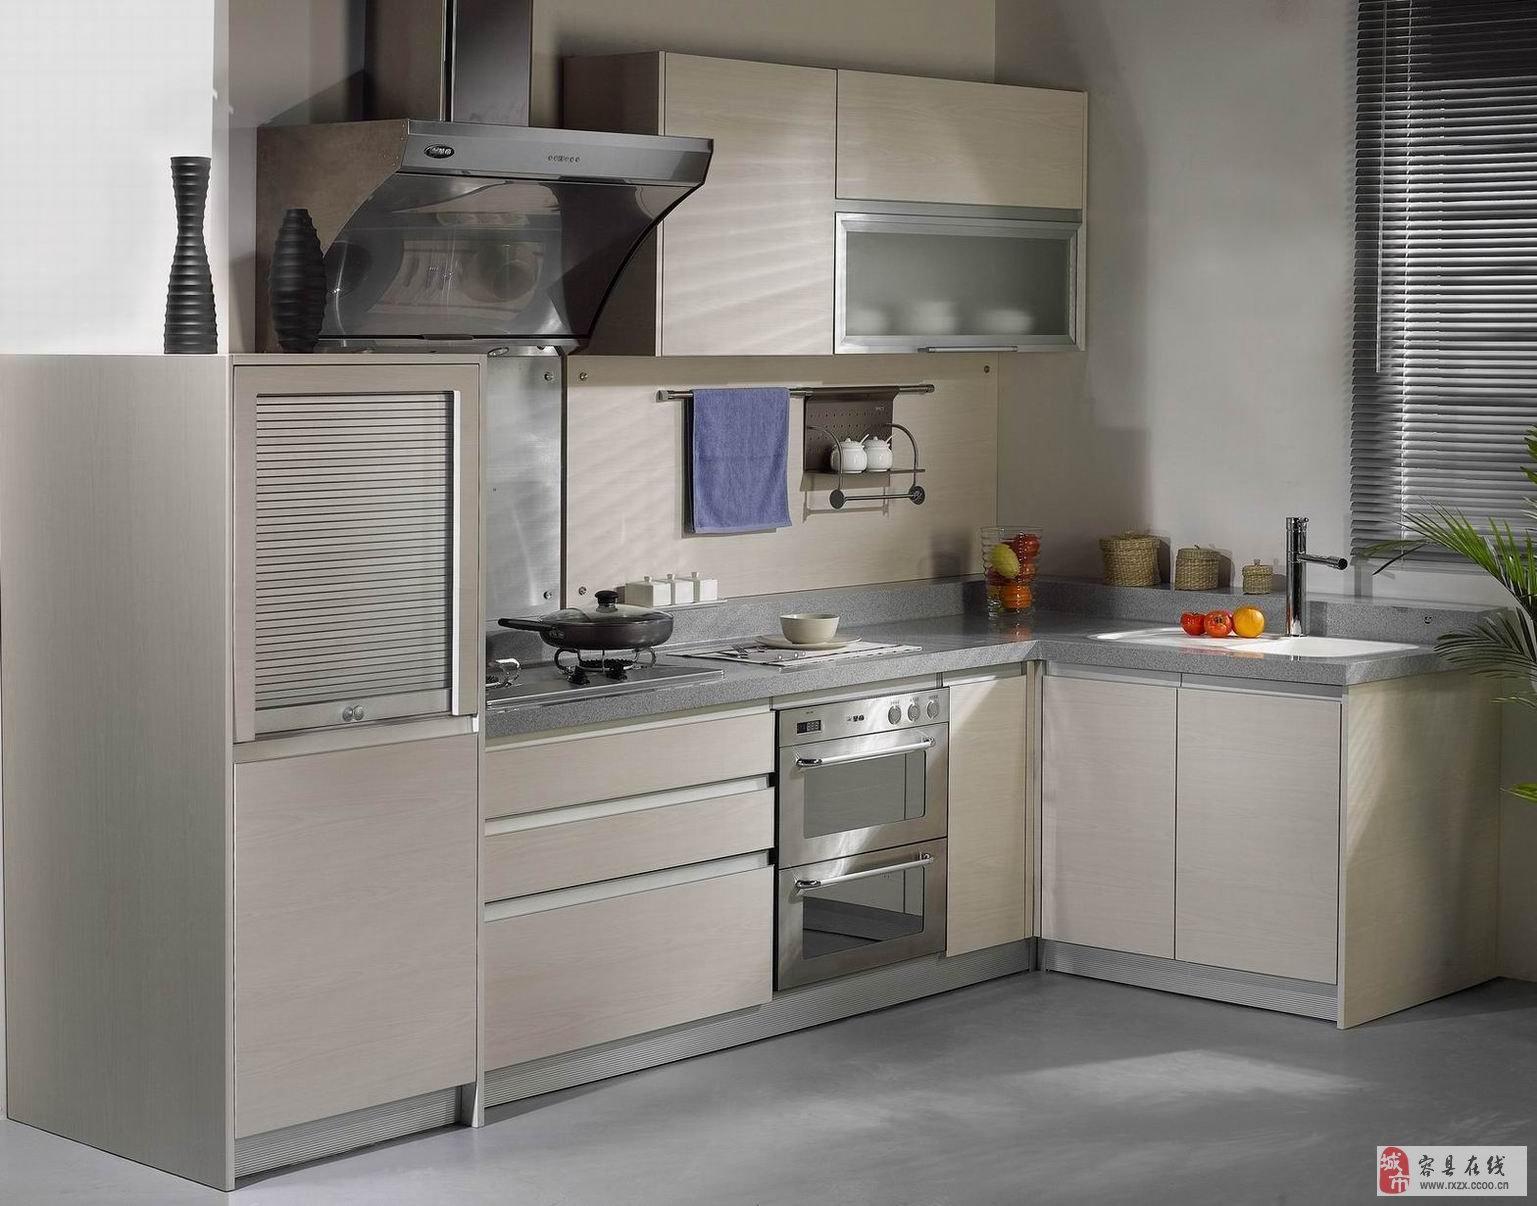 橱柜 厨房 家居 设计 装修 1537_1206